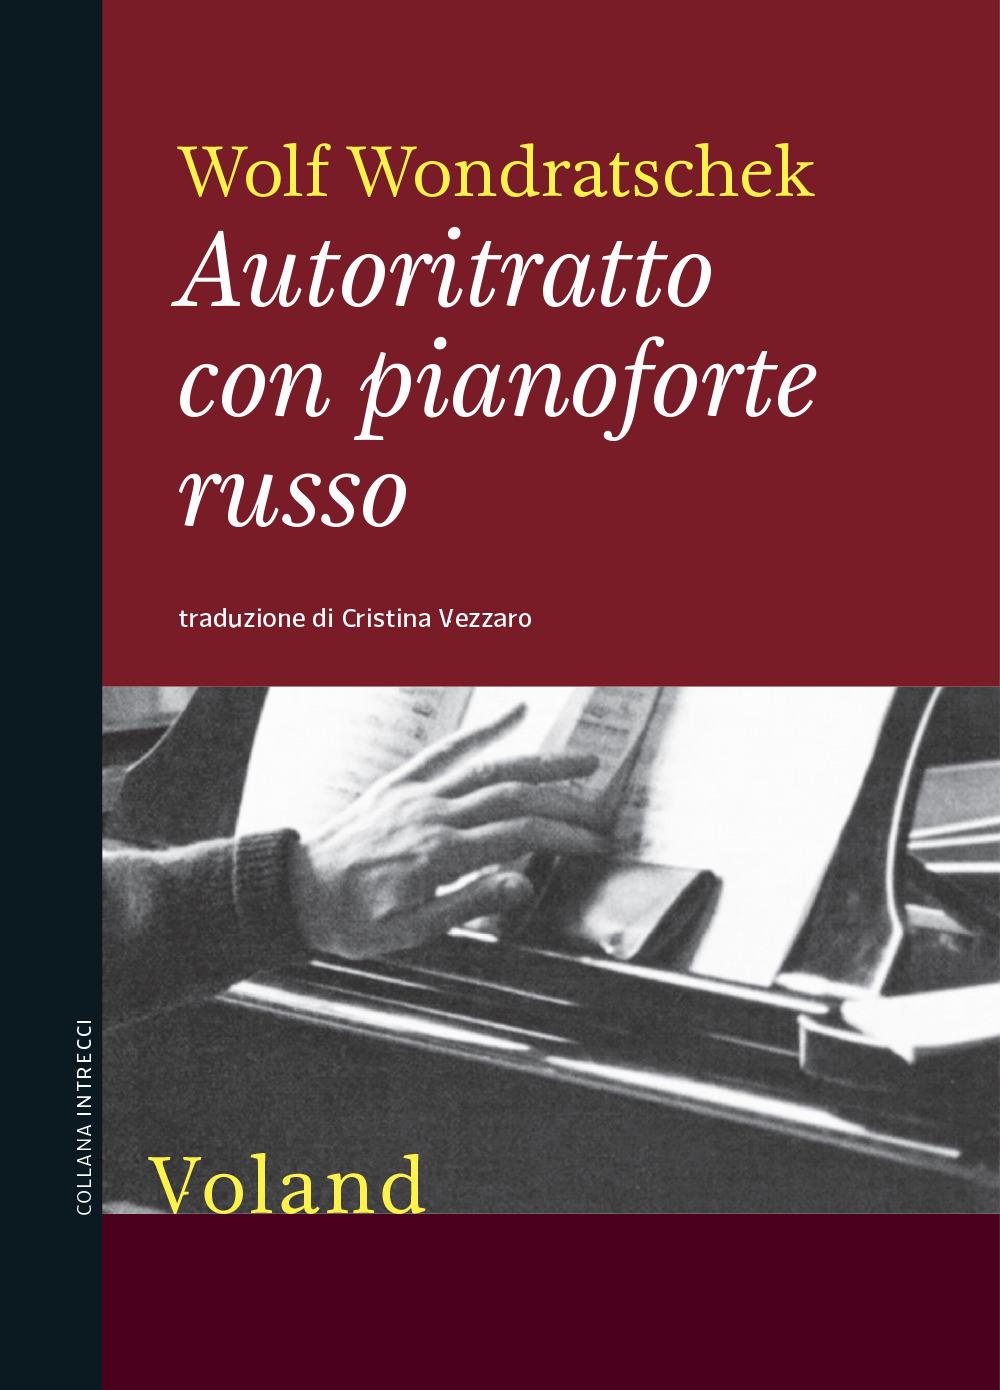 AUTORITRATTO CON PIANOFORTE RUSSO - 9788862434188